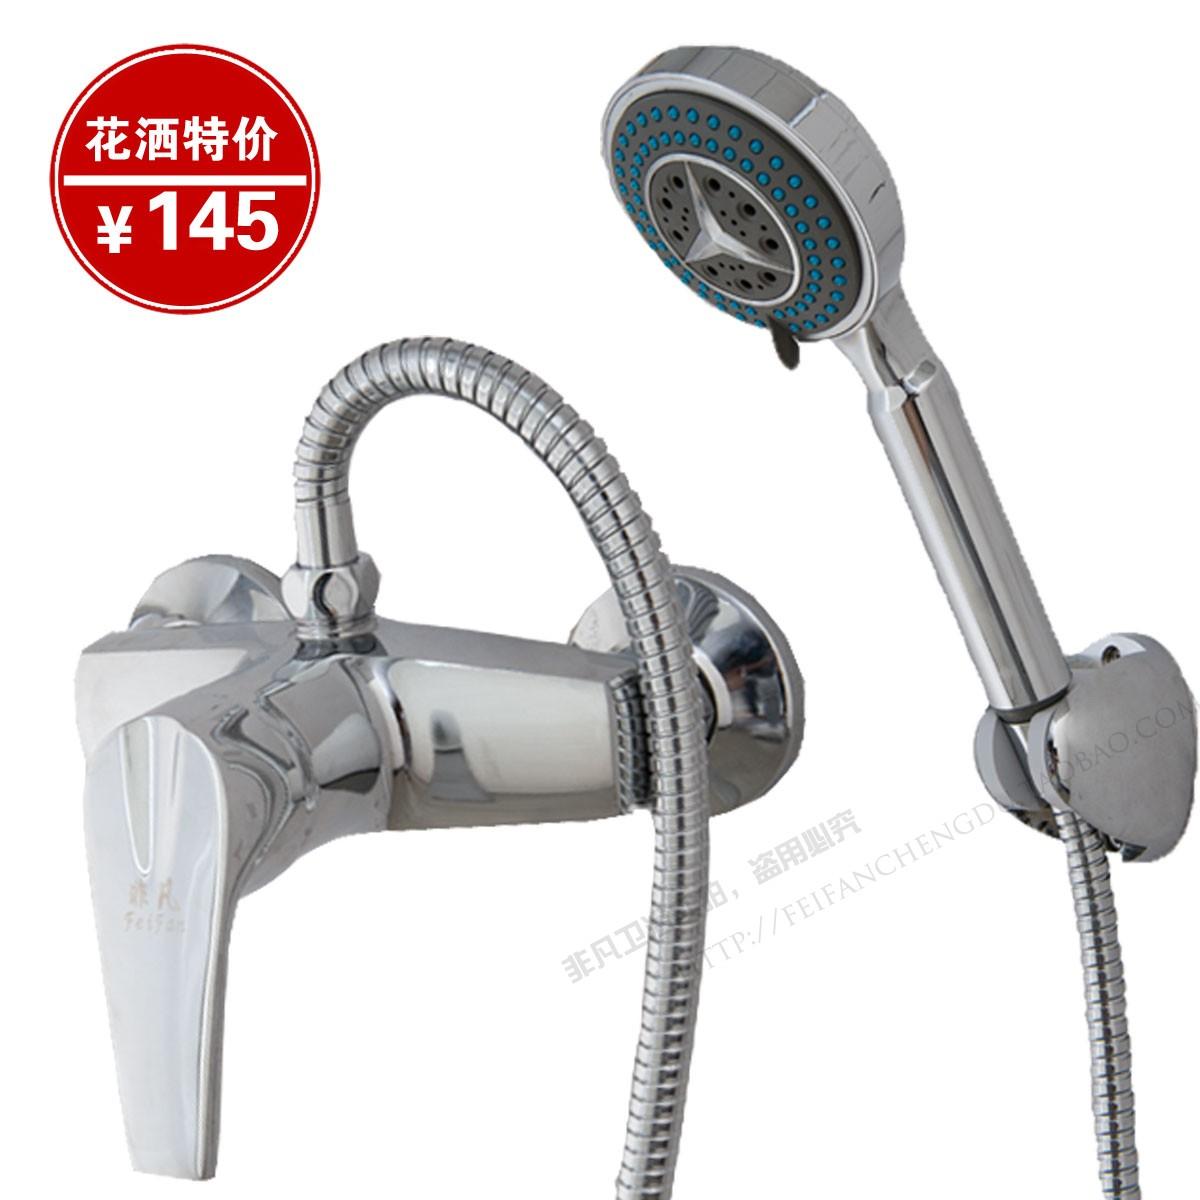 简单淋浴花洒 四方纯铜淋浴龙头 淋浴  H7502